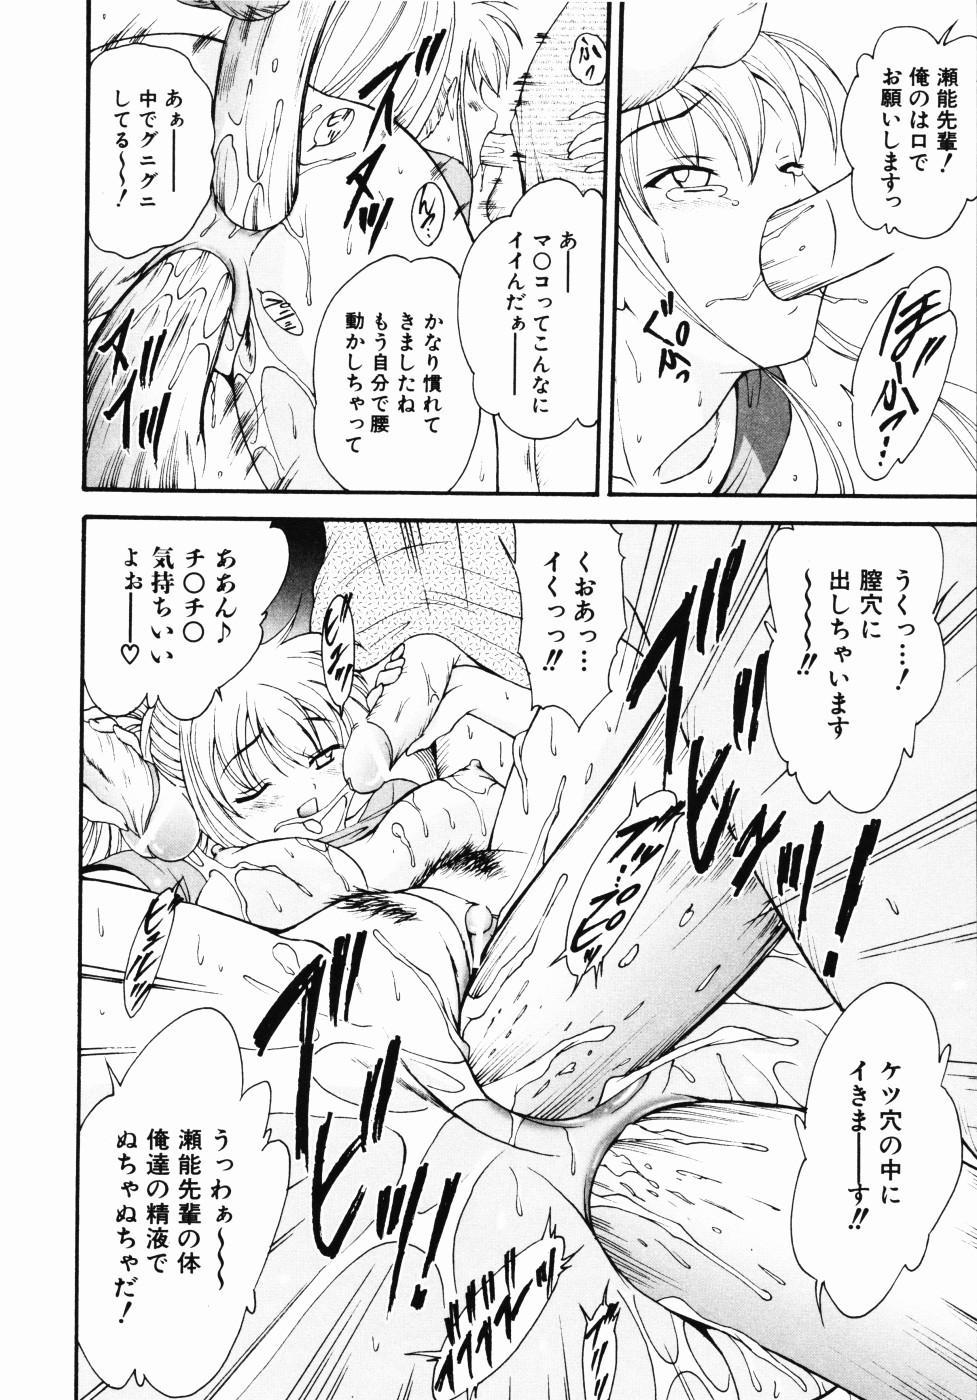 Daikyou Megami 144